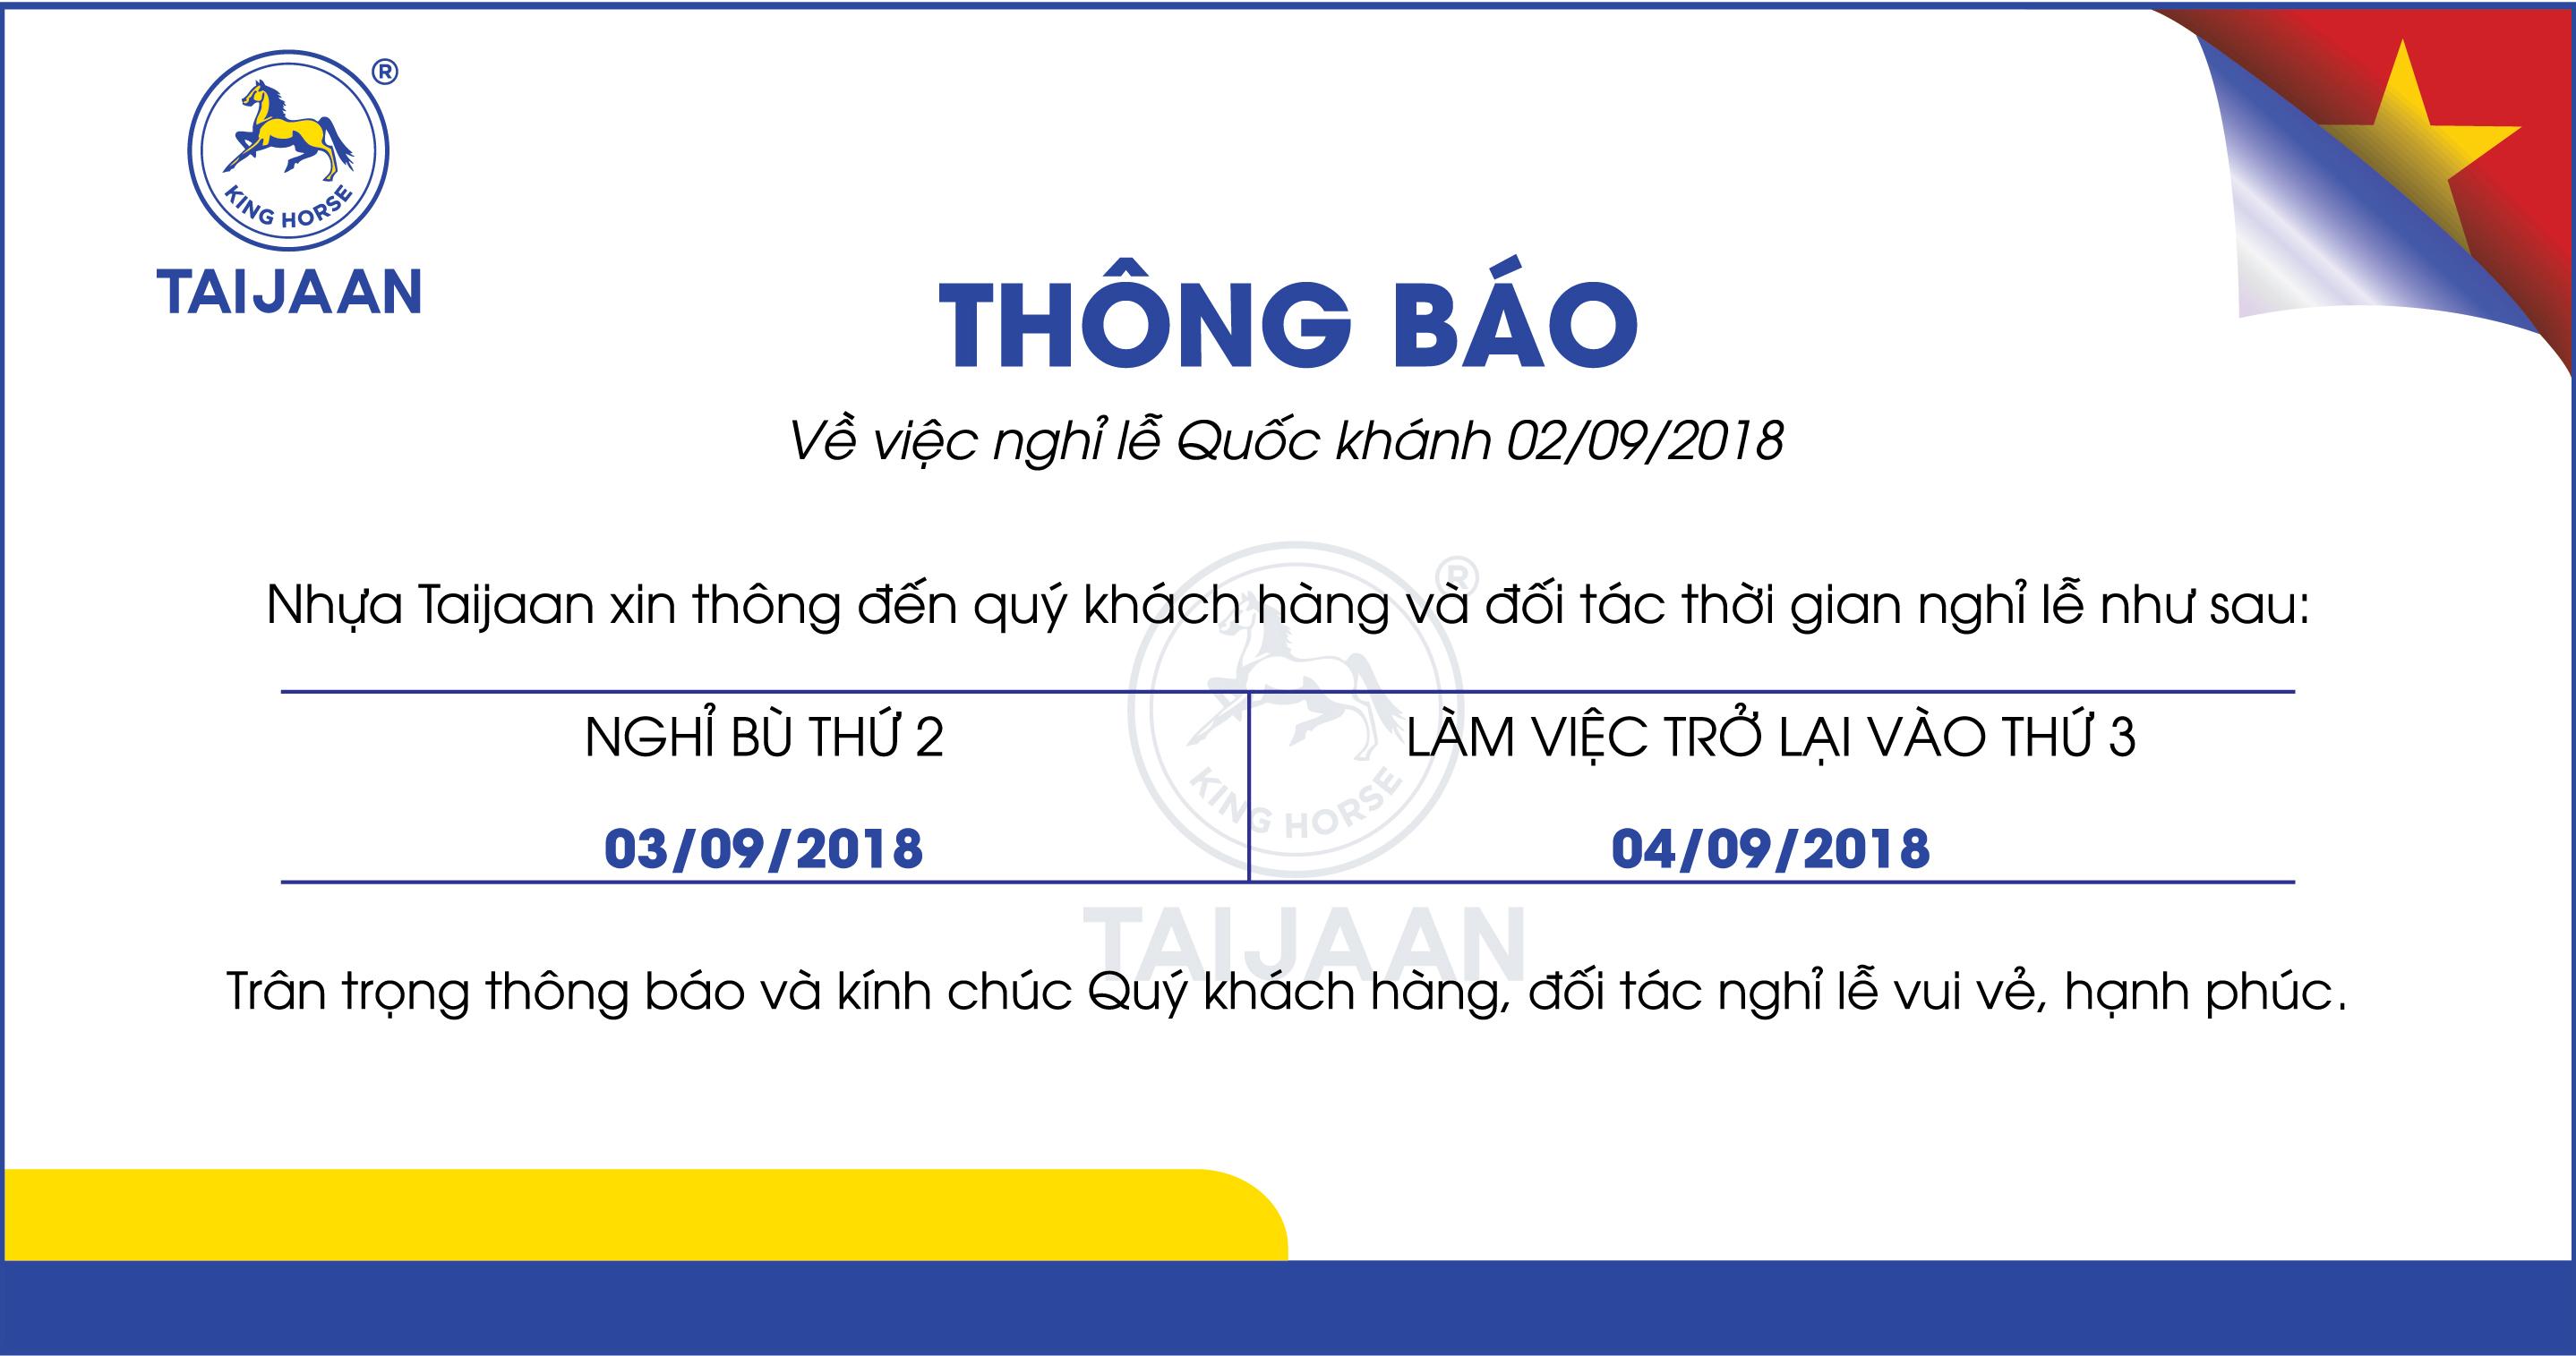 [TB] Lịch nghỉ lễ Quốc khánh 02/09 của công ty Nhựa Taijaan (VN)